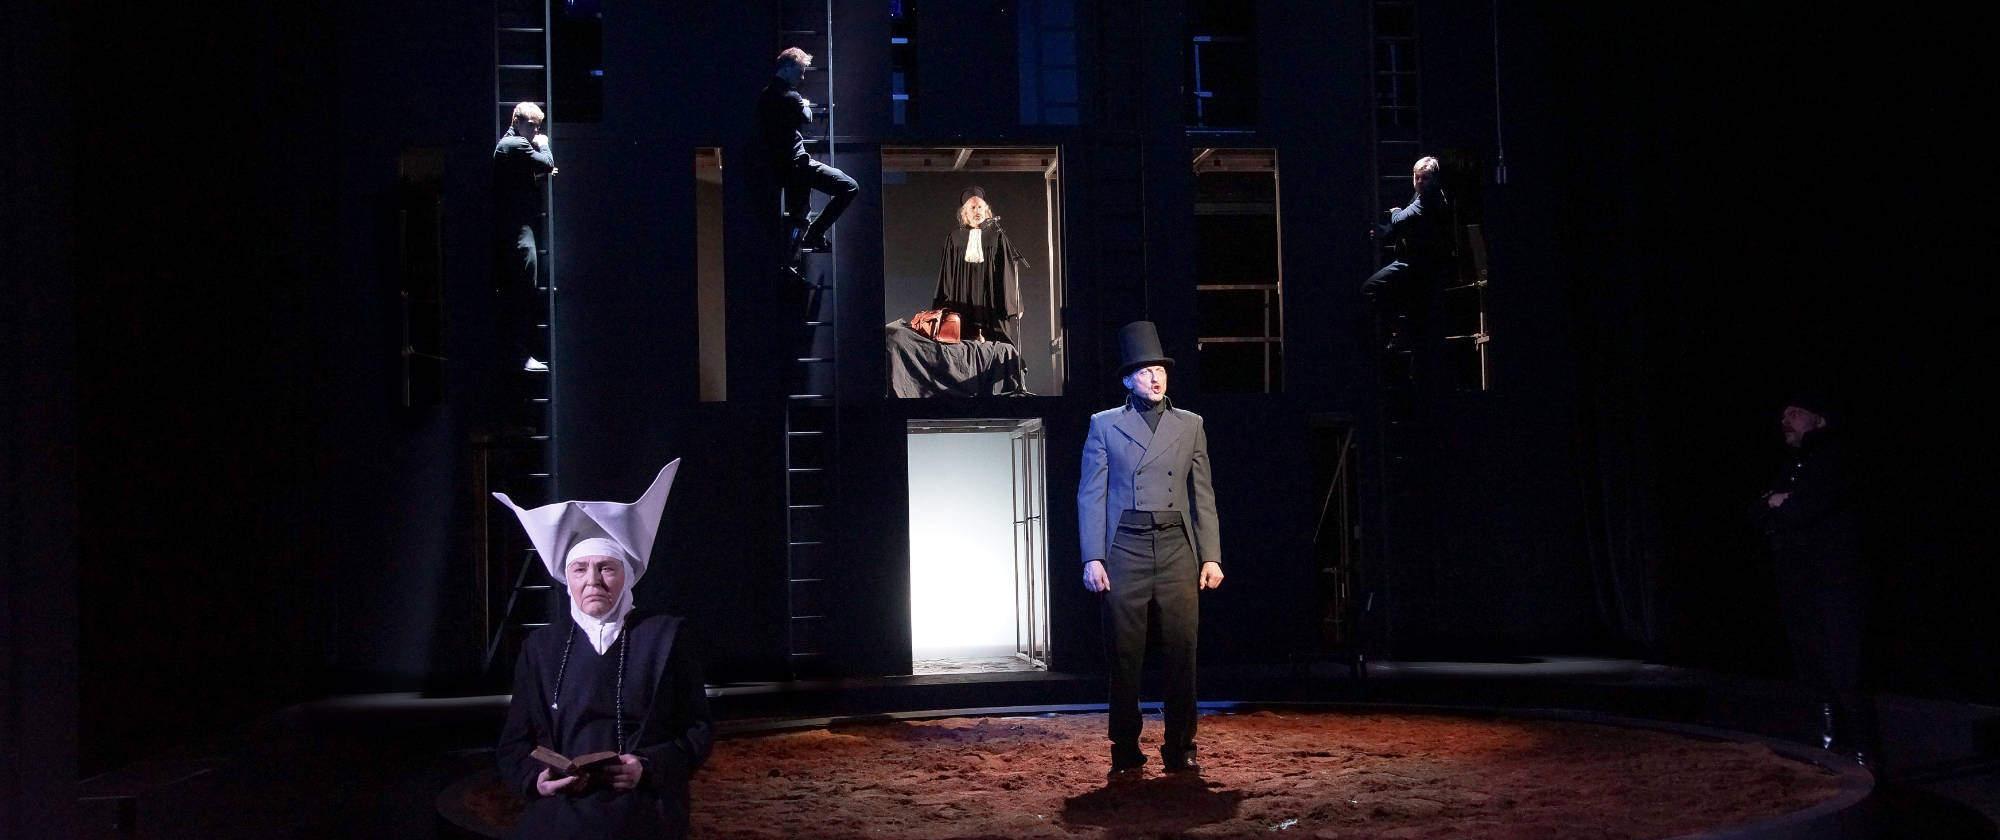 013-DIE-ELENDEN-nach-Victor-Hugo-Les-Miserables-von-Malte-Kreutzfeldt-Regie-c-photo-Olaf-Struck-Theater-Schauspielhaus-Kiel-2019